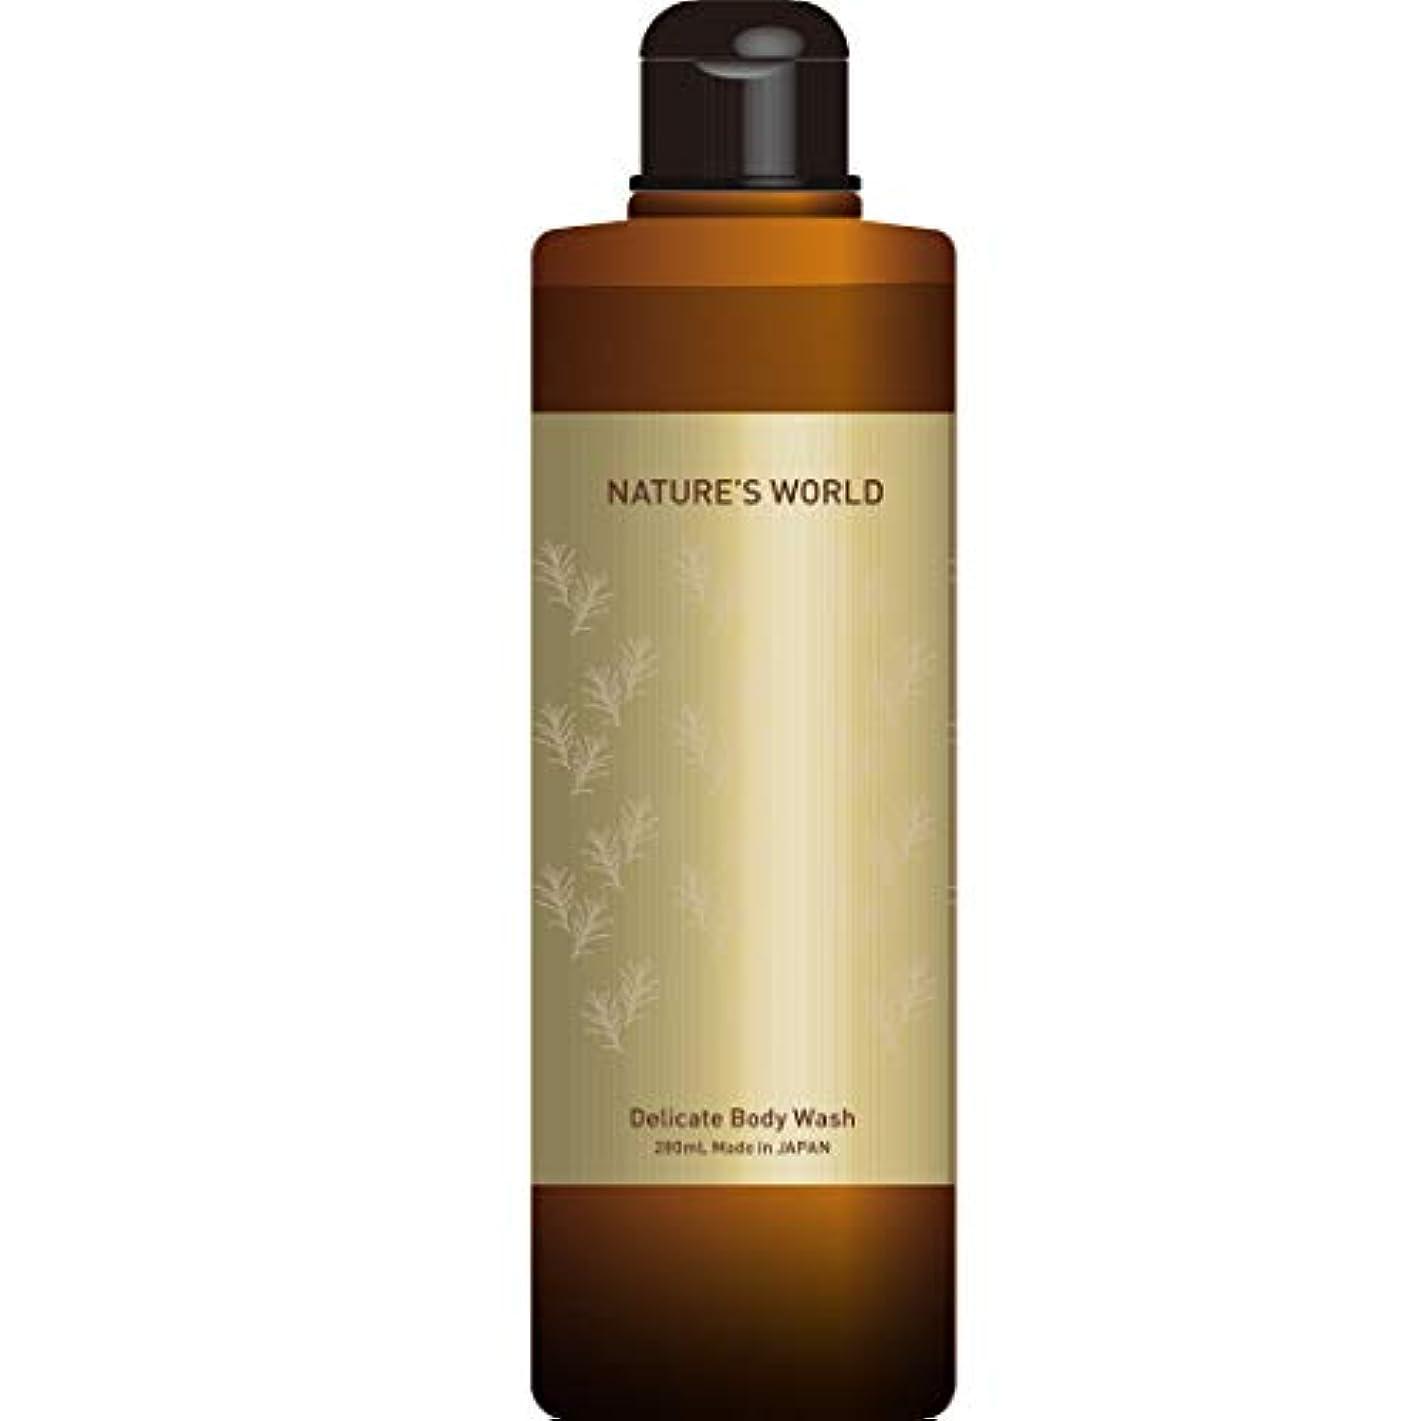 夜間喉が渇いたステッチNATURE'S WORLD(ネイチャーズワールド) Nature's World デリケートボディソープ シトラスフローラルの香り 280ml